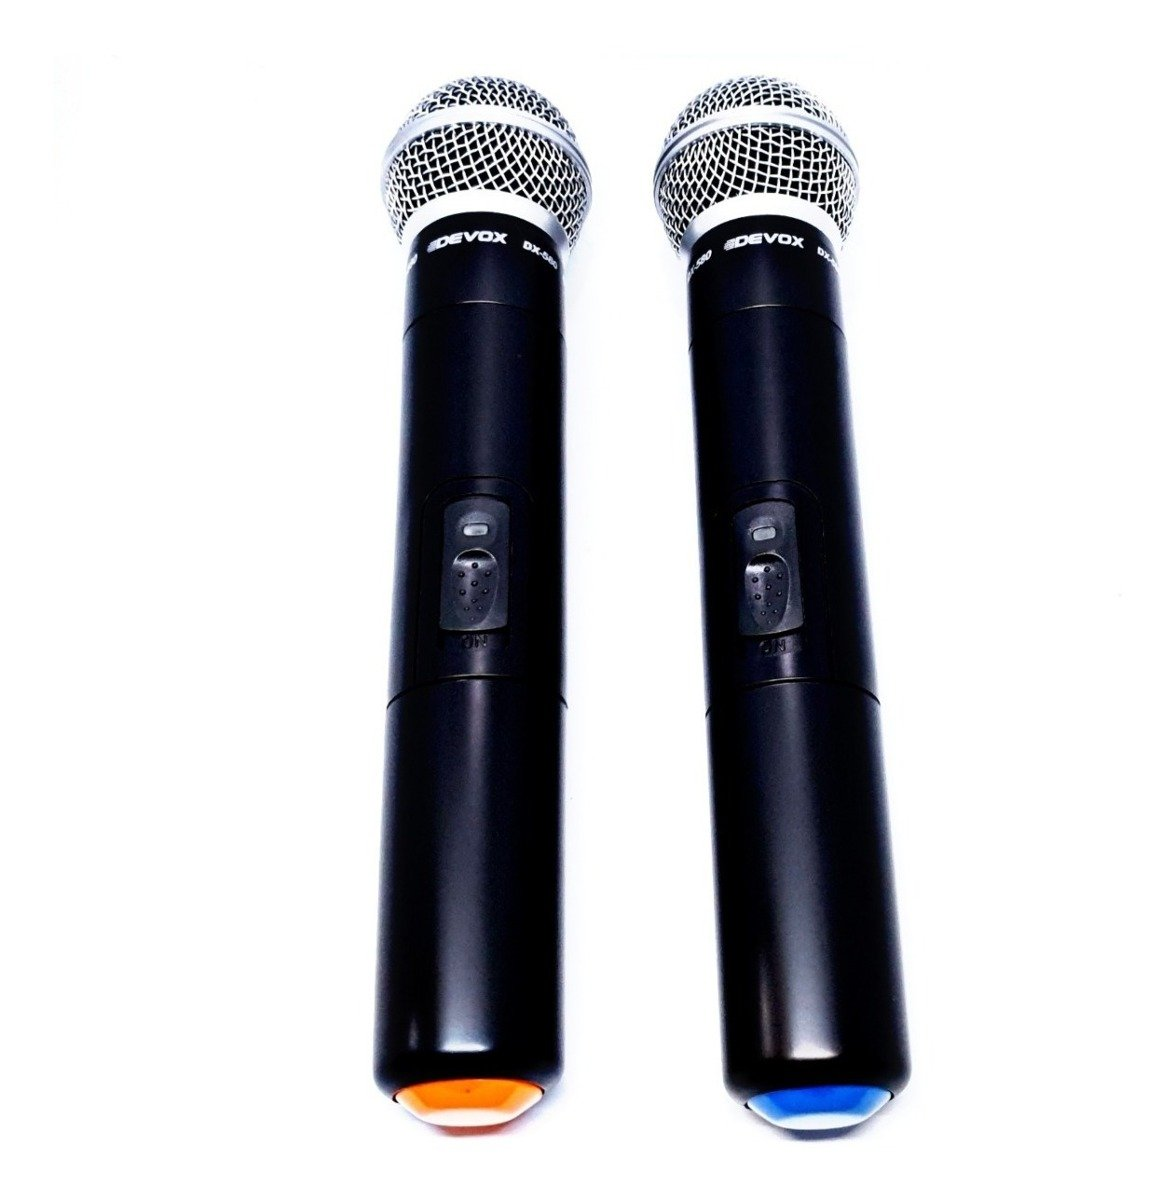 Microfone Profissional Sem Fio Devox DX-580